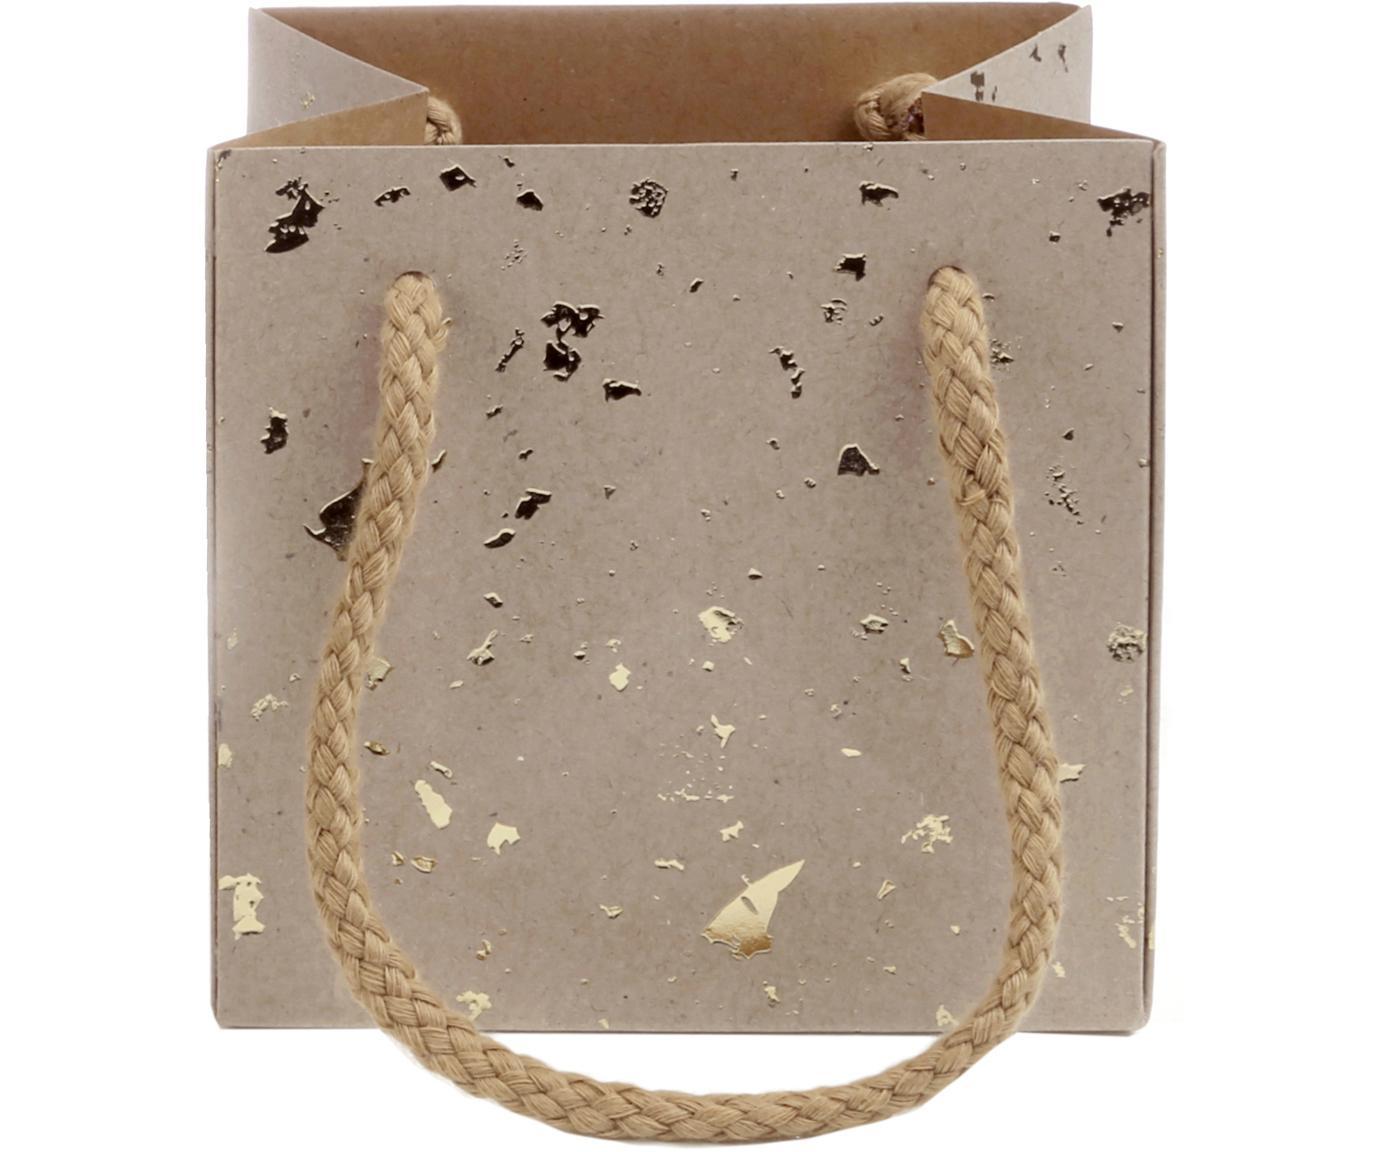 Geschenktaschen Carat, 3 Stück, Griffe: Baumwolle, Tasche: Kraftpapier, Braun, Goldfarben, 13 x 13 cm